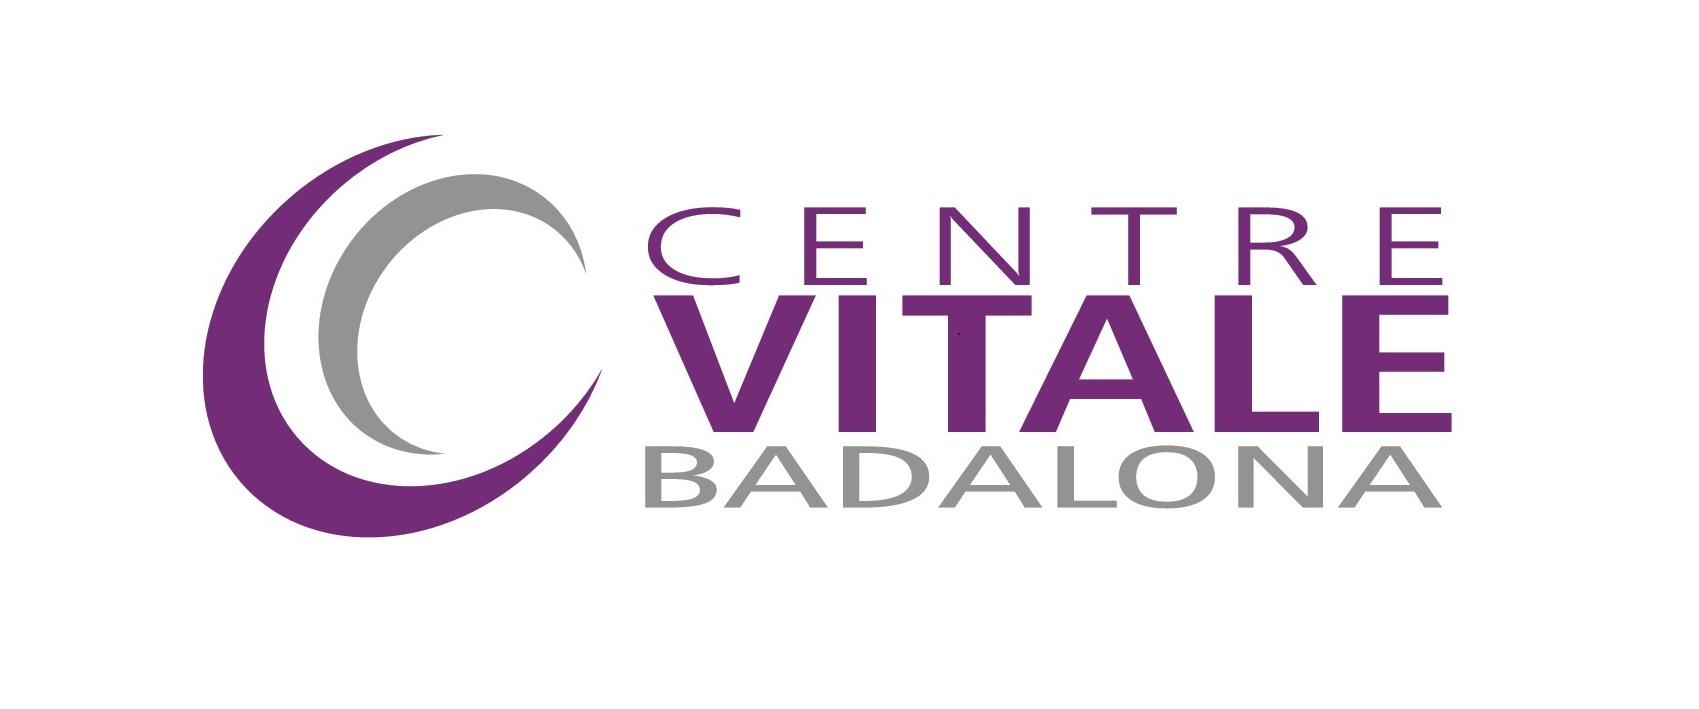 CENTRE VITALE BADALONA